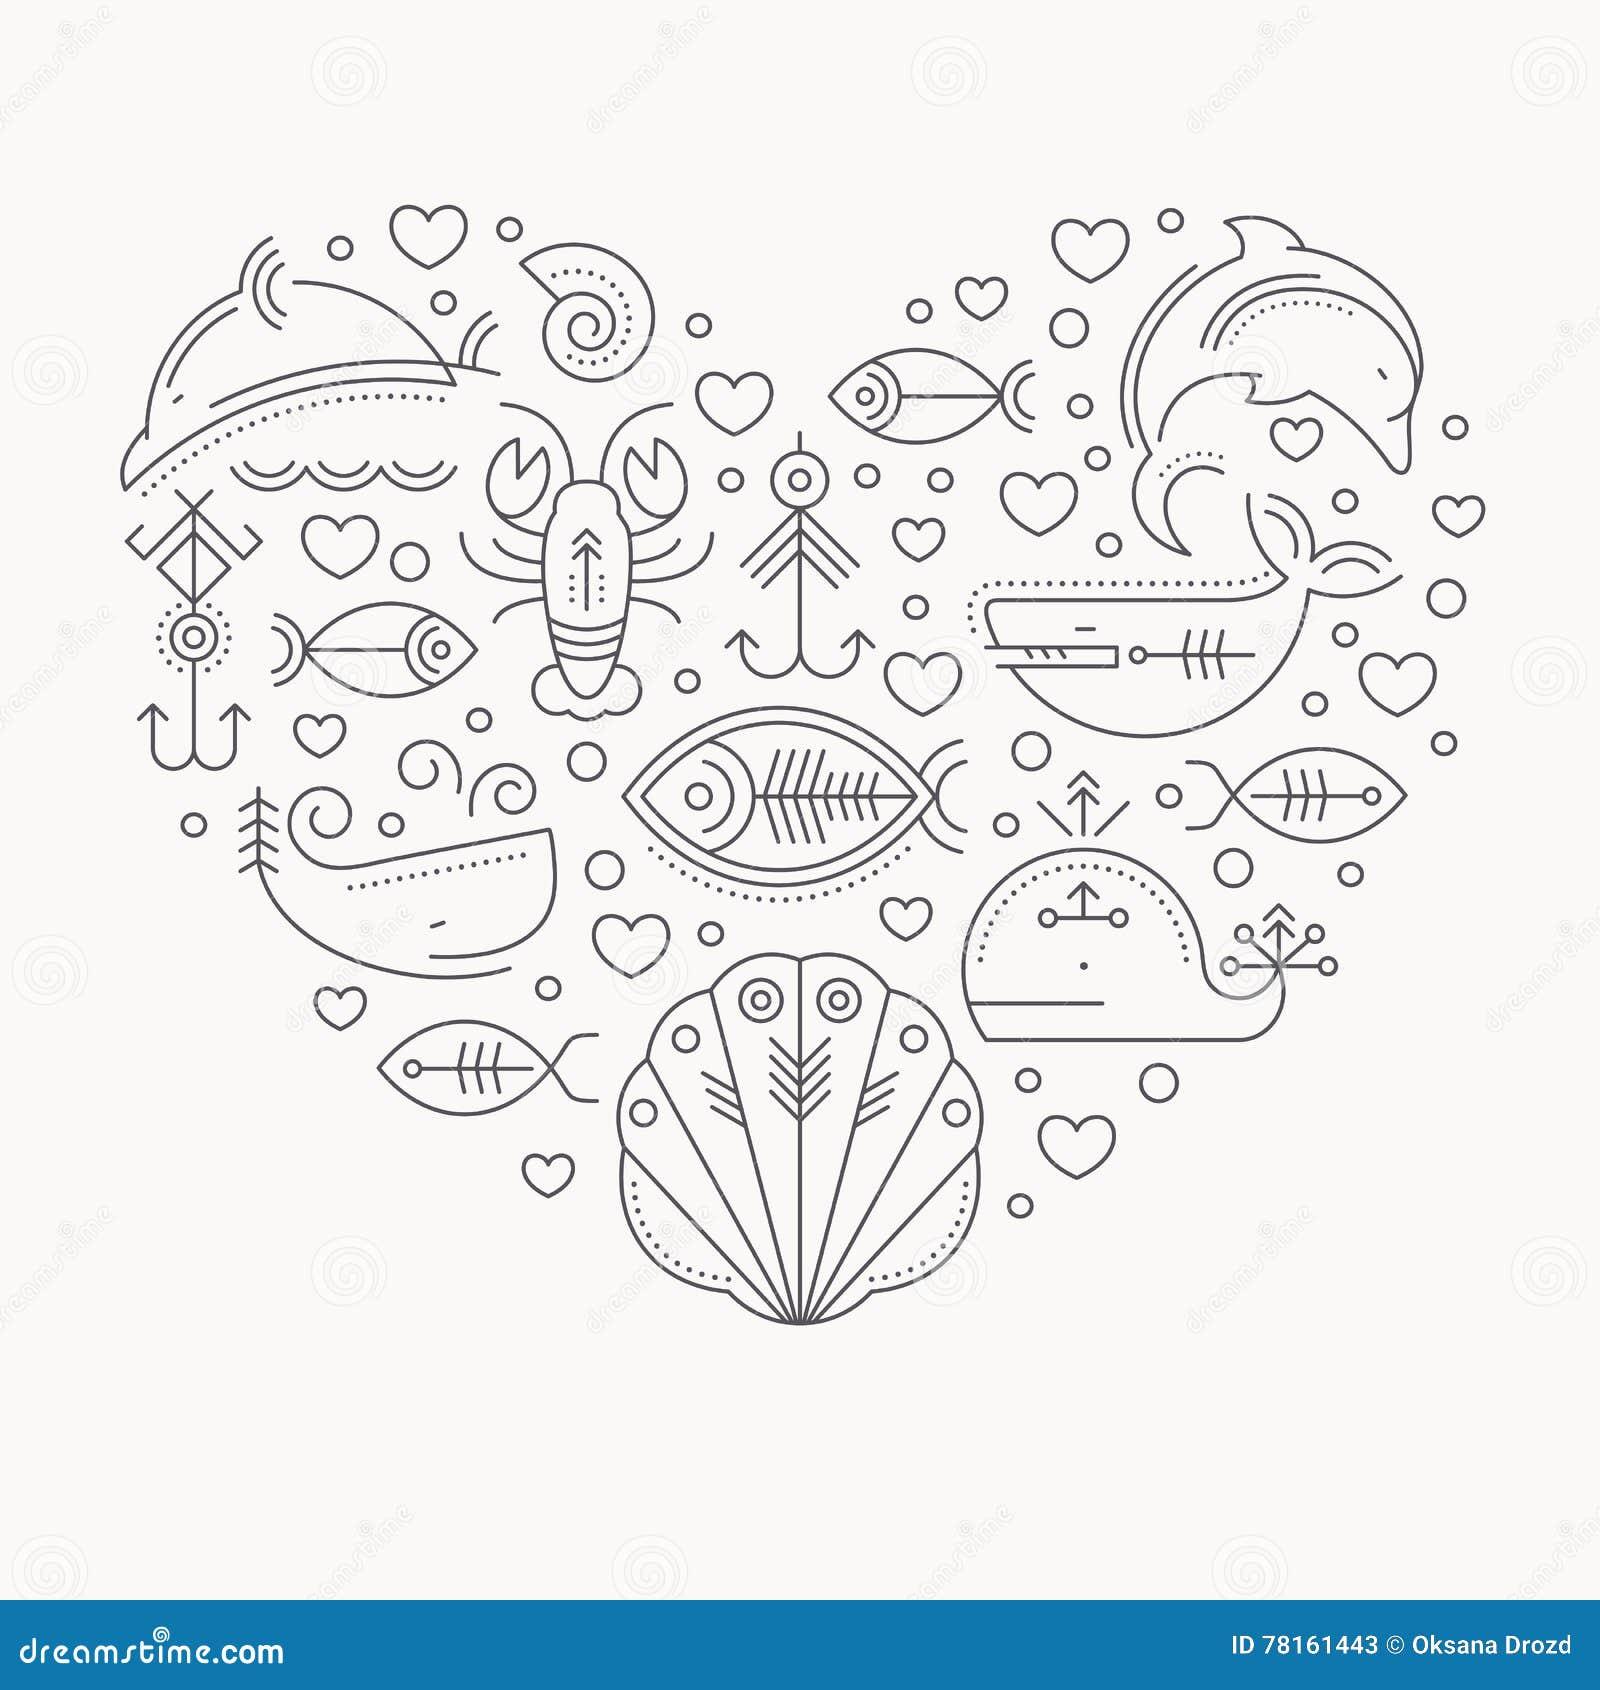 Vector Illustration mit umrissenen Zeichen von den Meerestieren, die ein Herz bilden